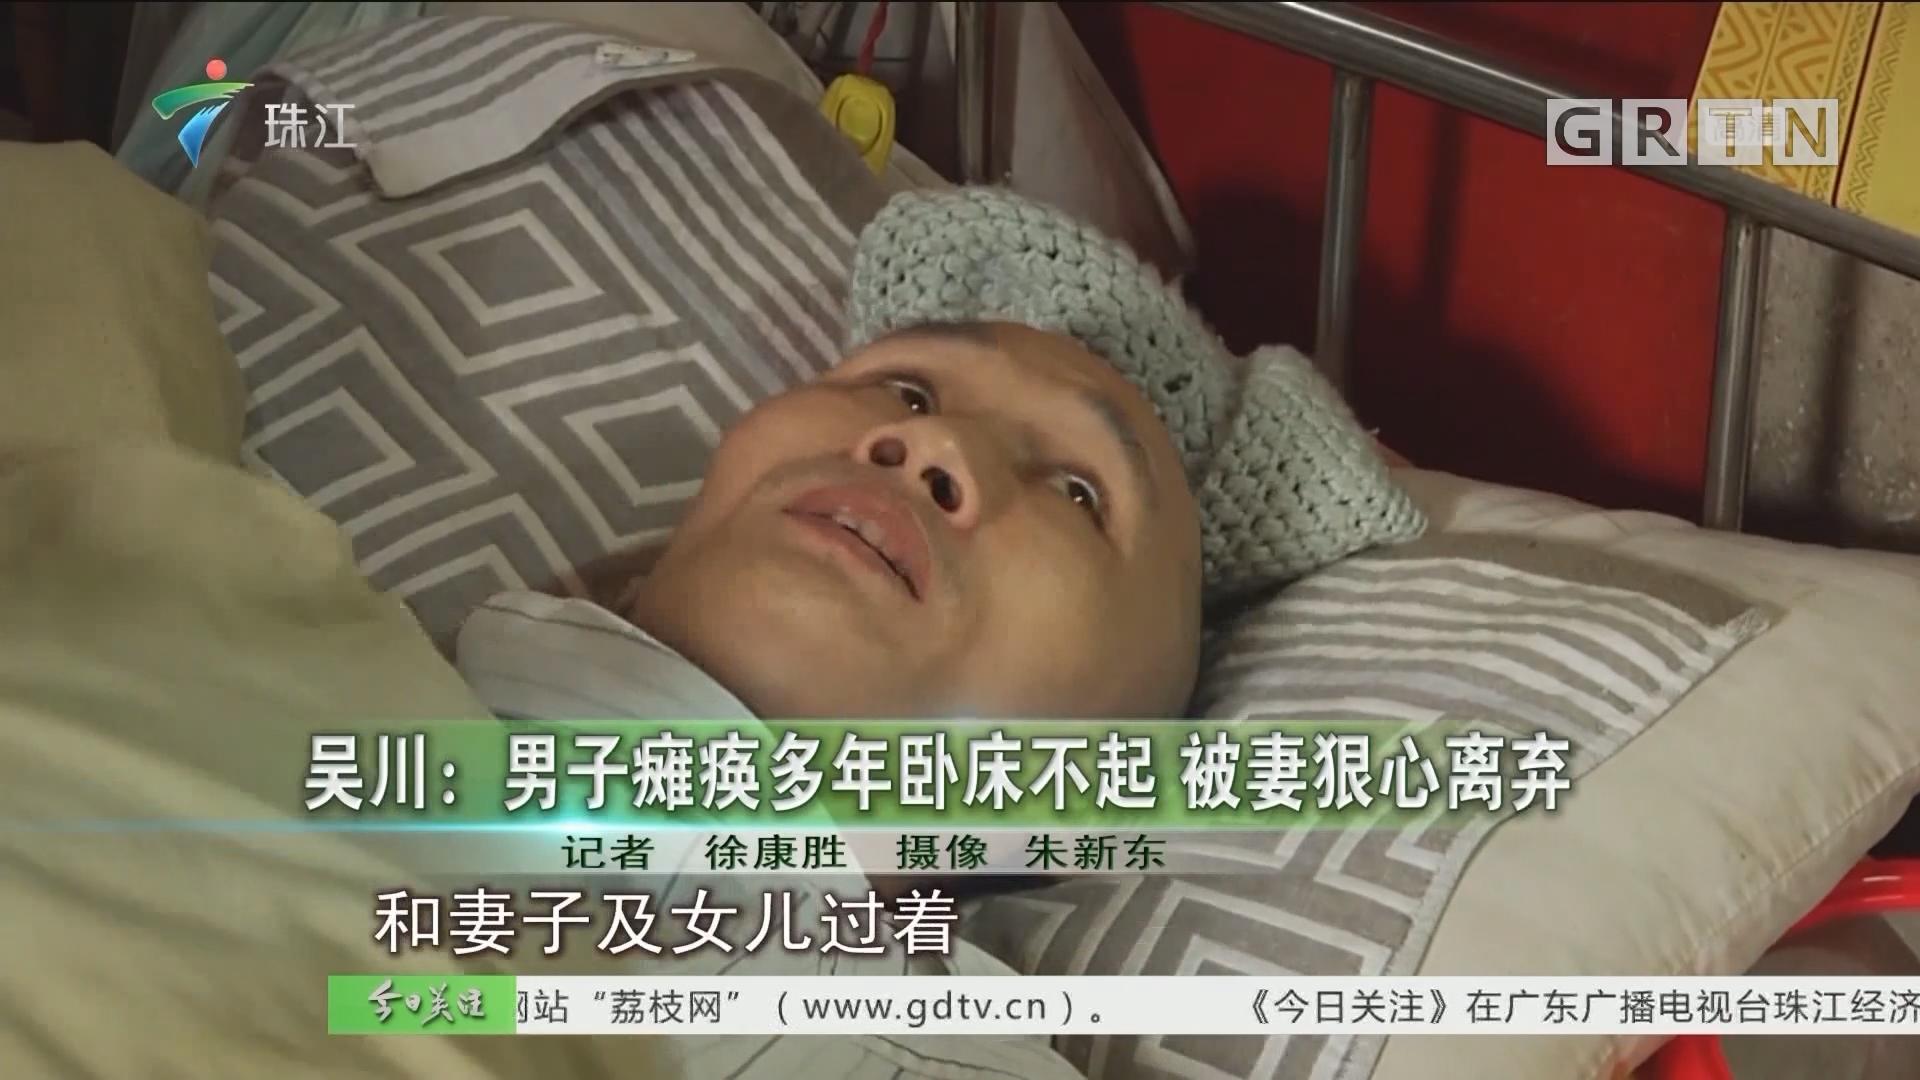 吴川:男子瘫痪多年卧床不起 被妻狠心离弃